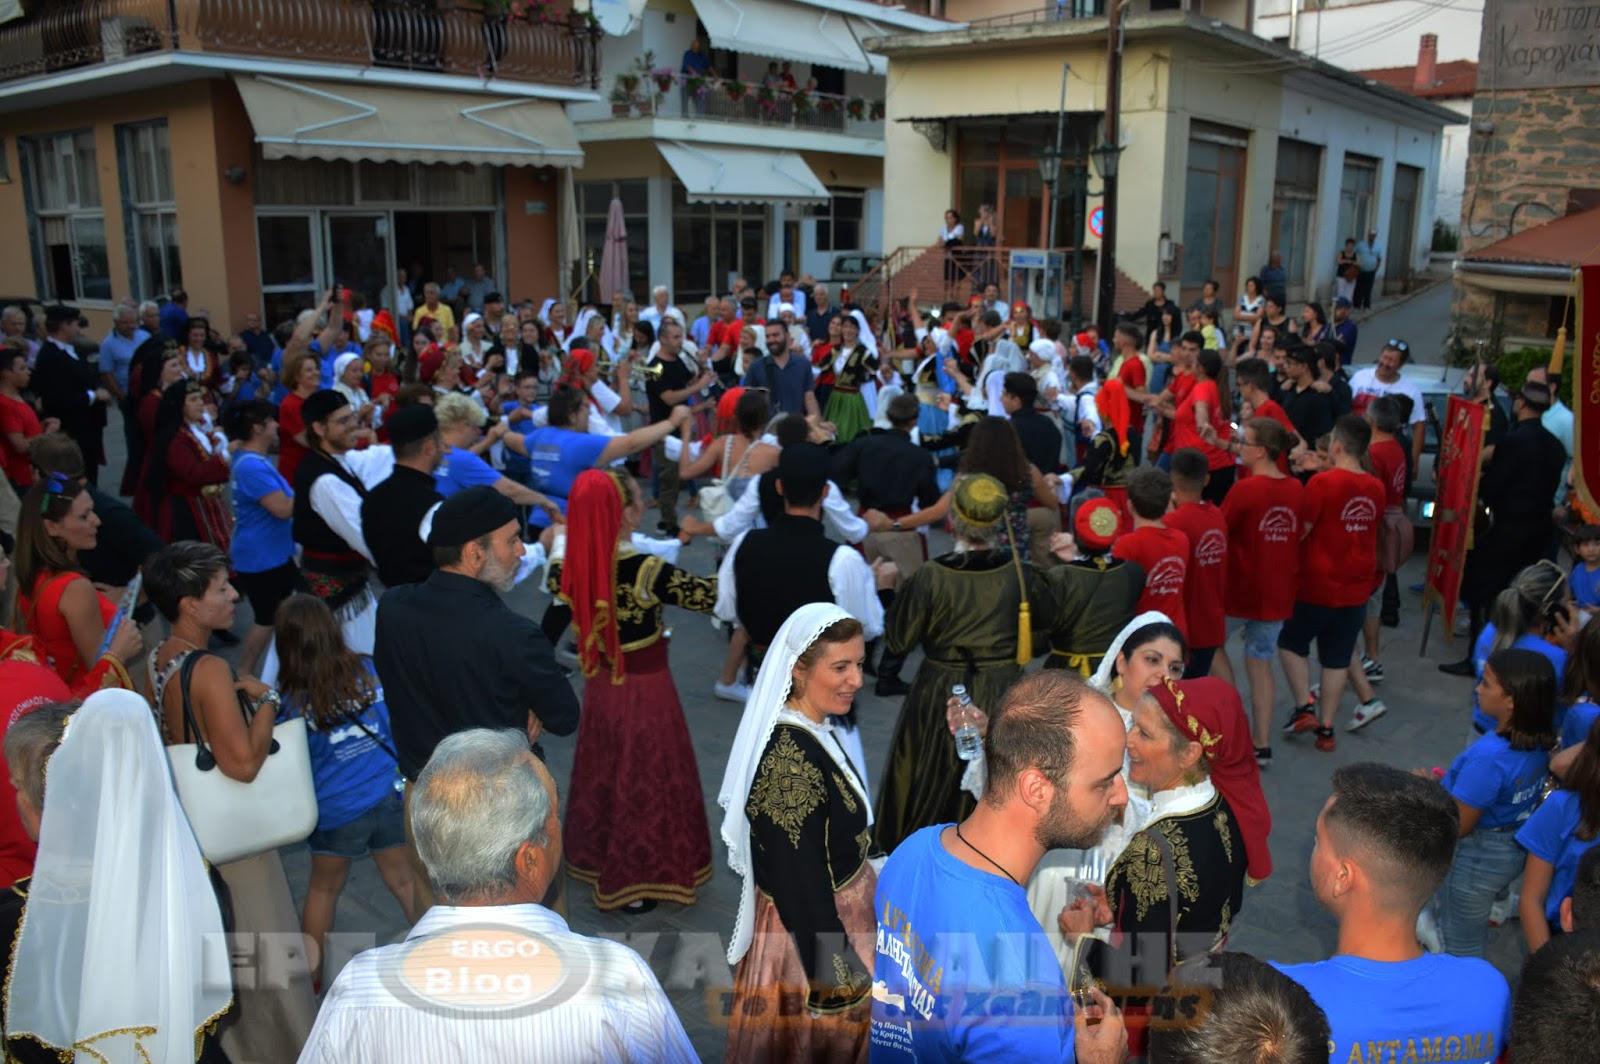 7ο Αντάμωμα Χορευτικών Συλλόγων Μακεδονίας - Κρήτης (βίντεο)